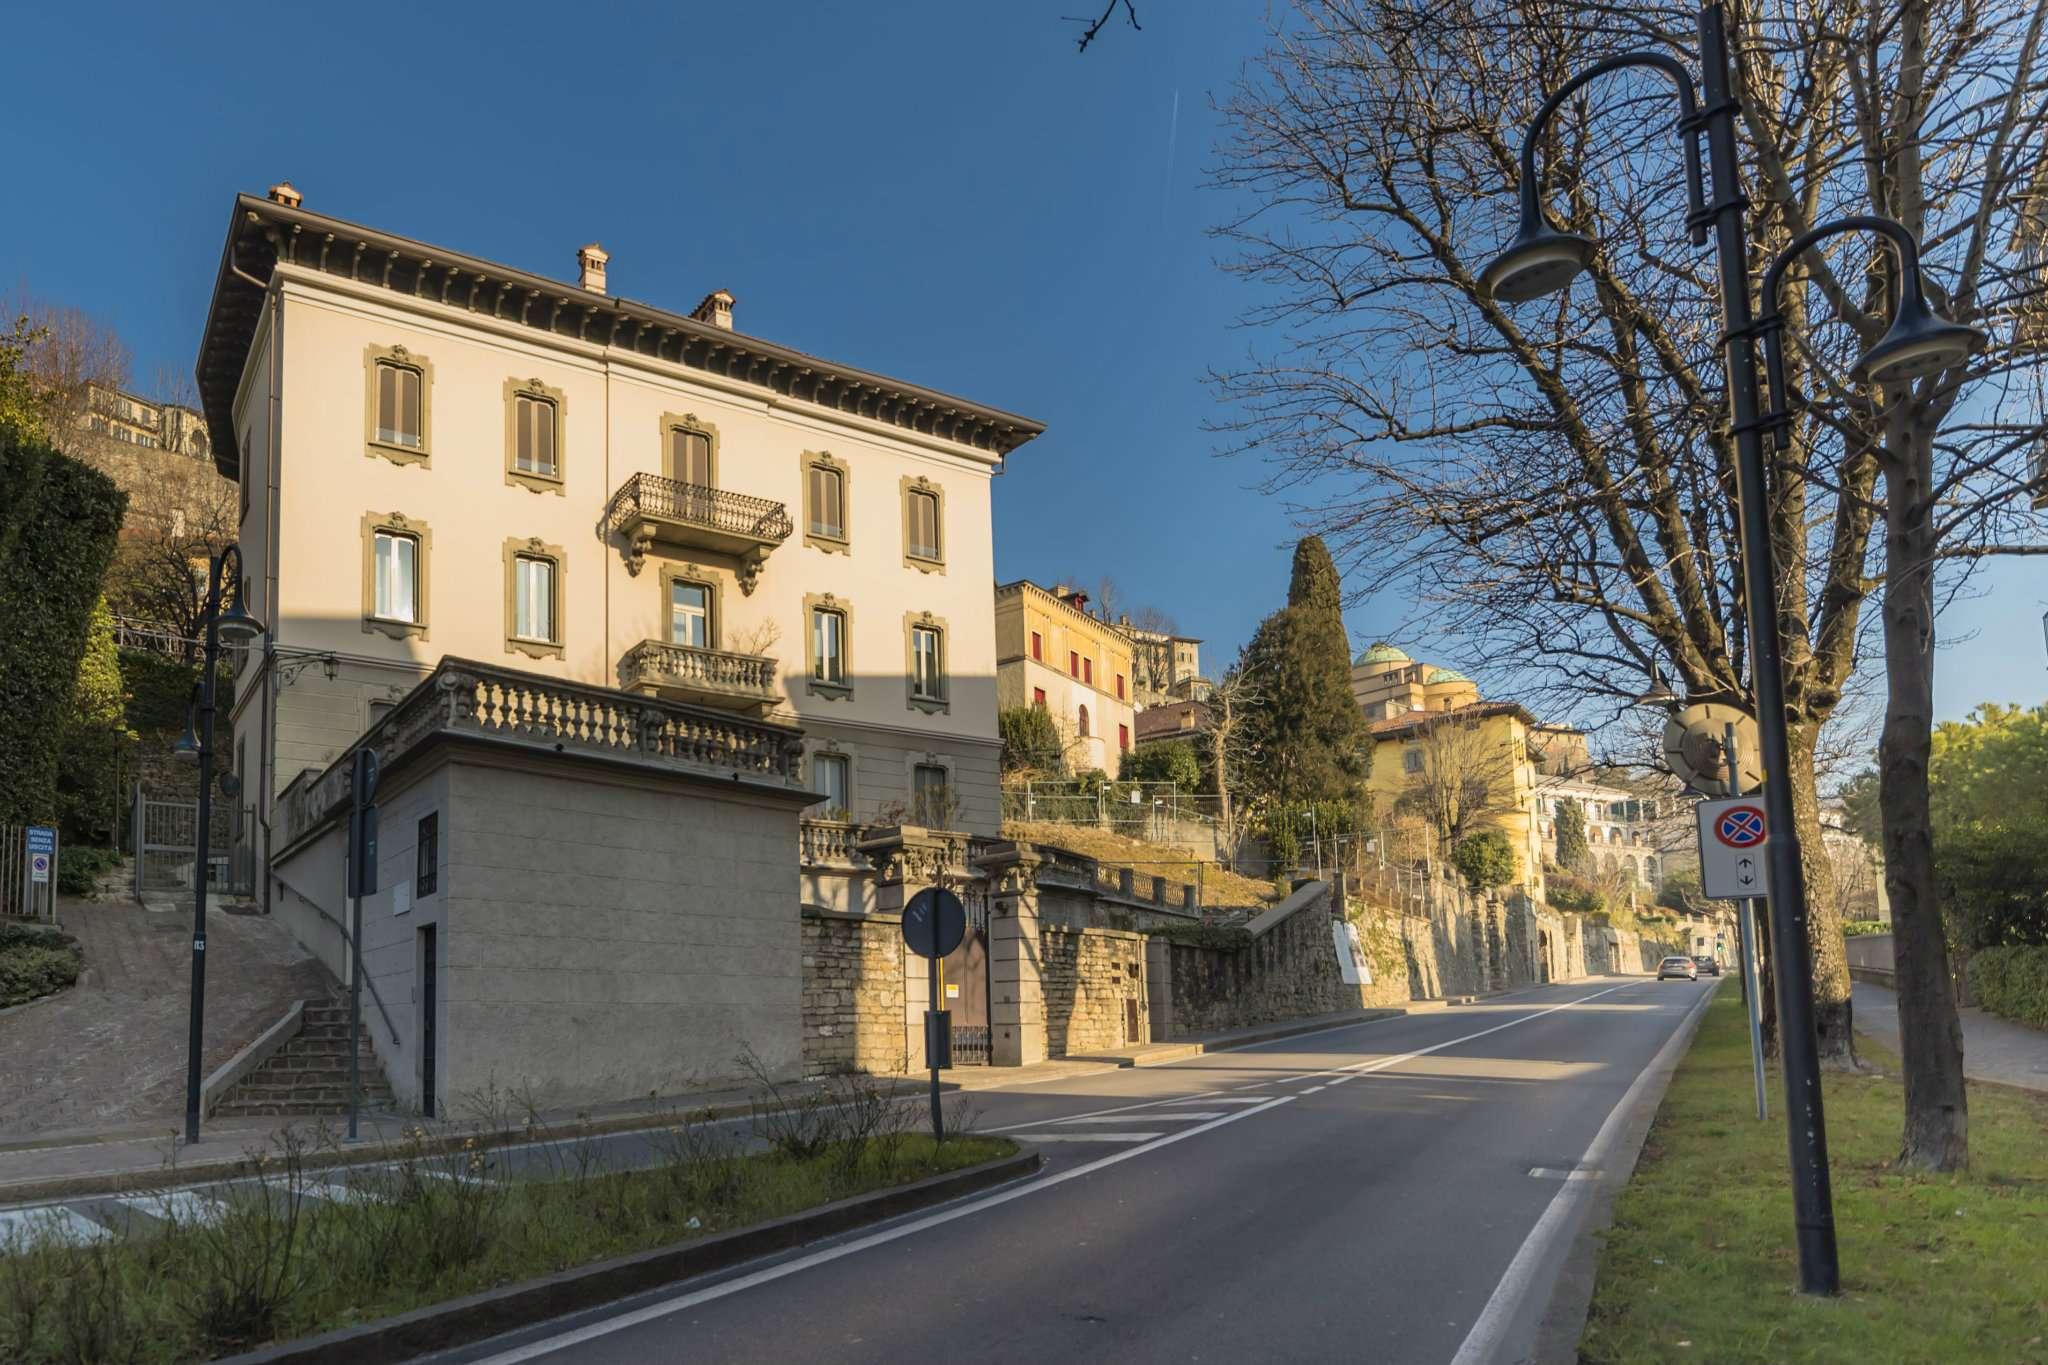 Appartamento in vendita a Bergamo, 4 locali, Trattative riservate | Cambio Casa.it